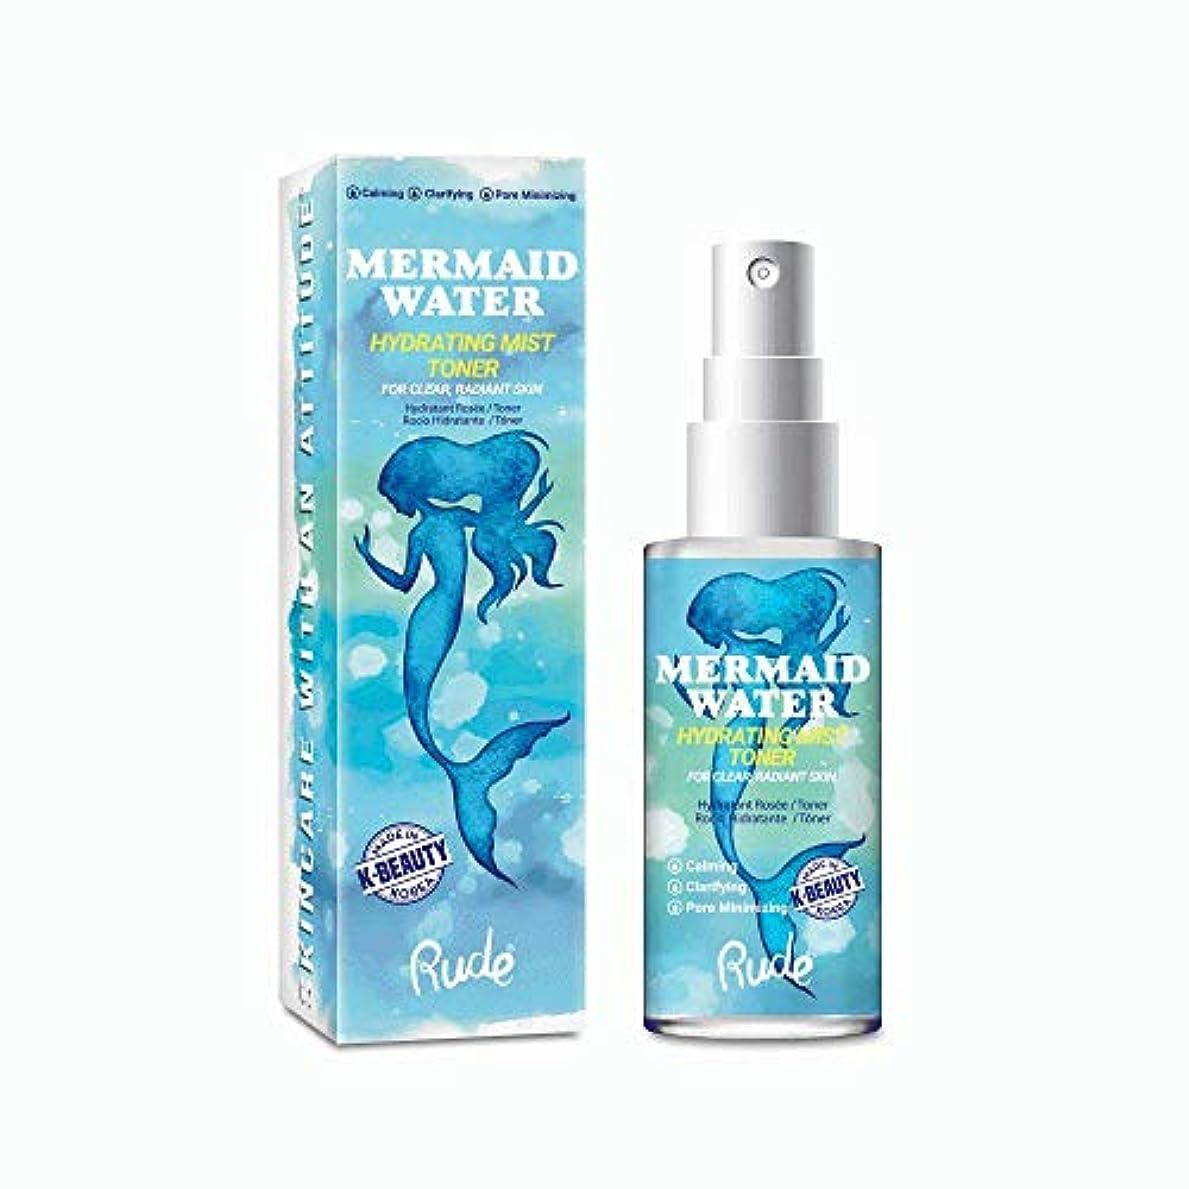 性別勢い解放する(6 Pack) RUDE Mermaid Water Hydrating Mist Toner (並行輸入品)